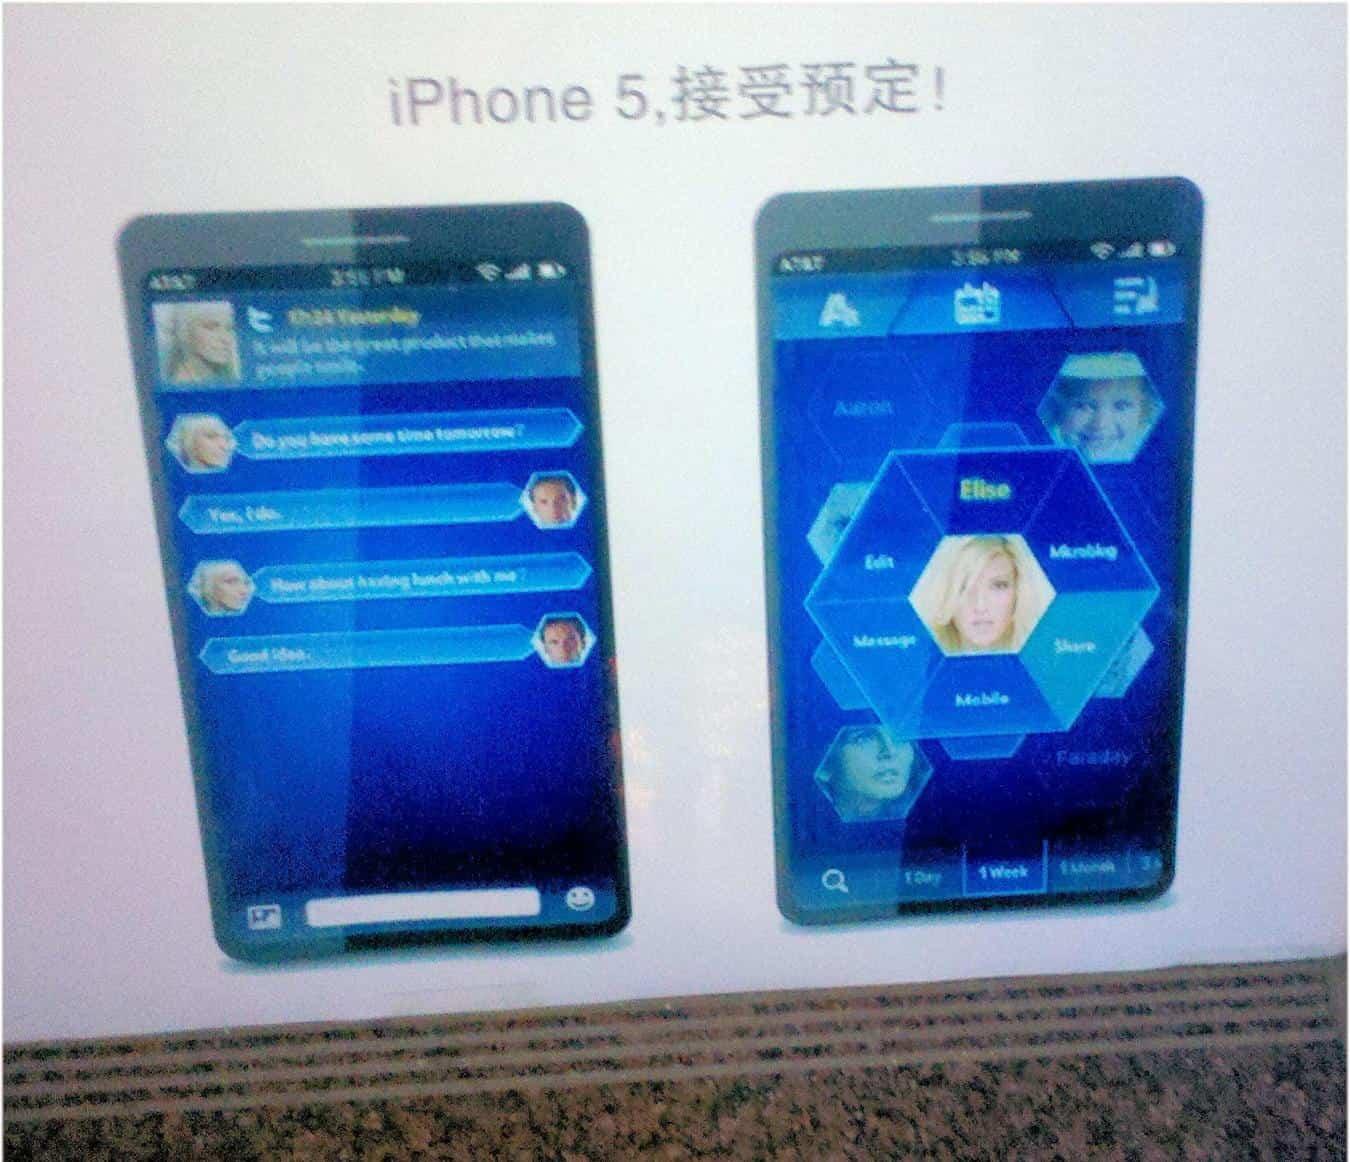 iphone 5 auf einem plakat in china aufgetaucht mobi test. Black Bedroom Furniture Sets. Home Design Ideas